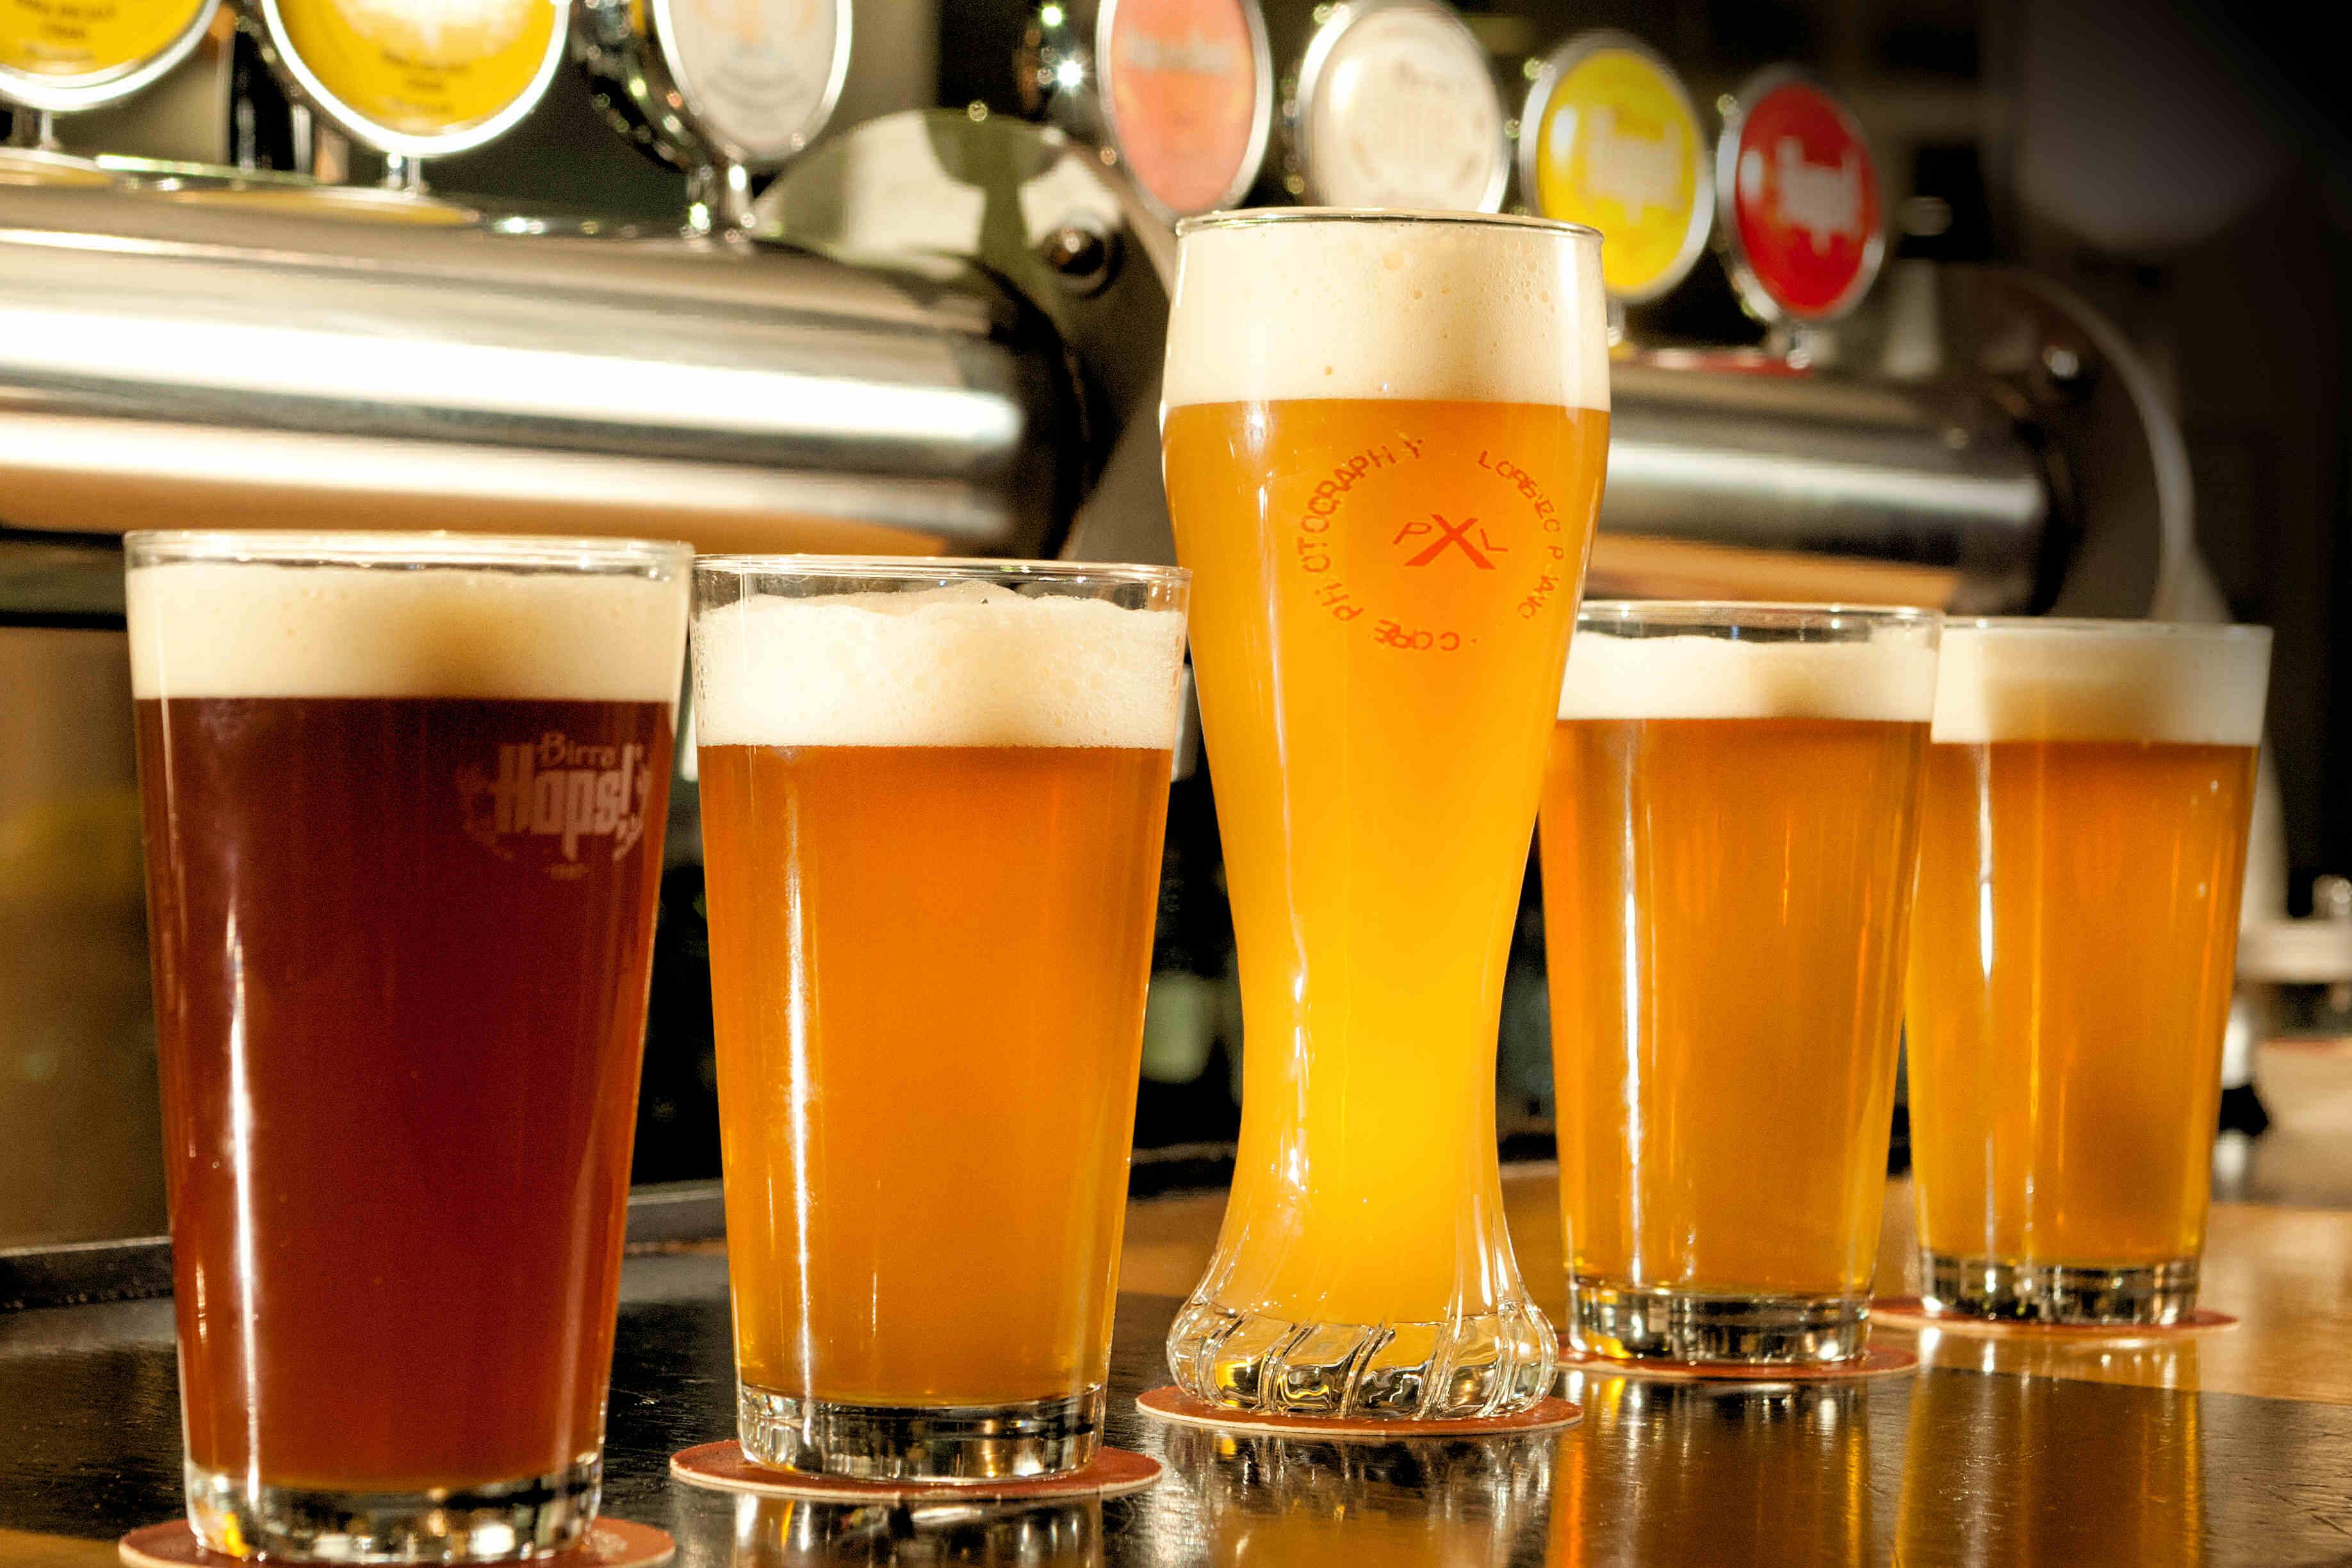 Domani inzia la grande festa della Birra a Torino